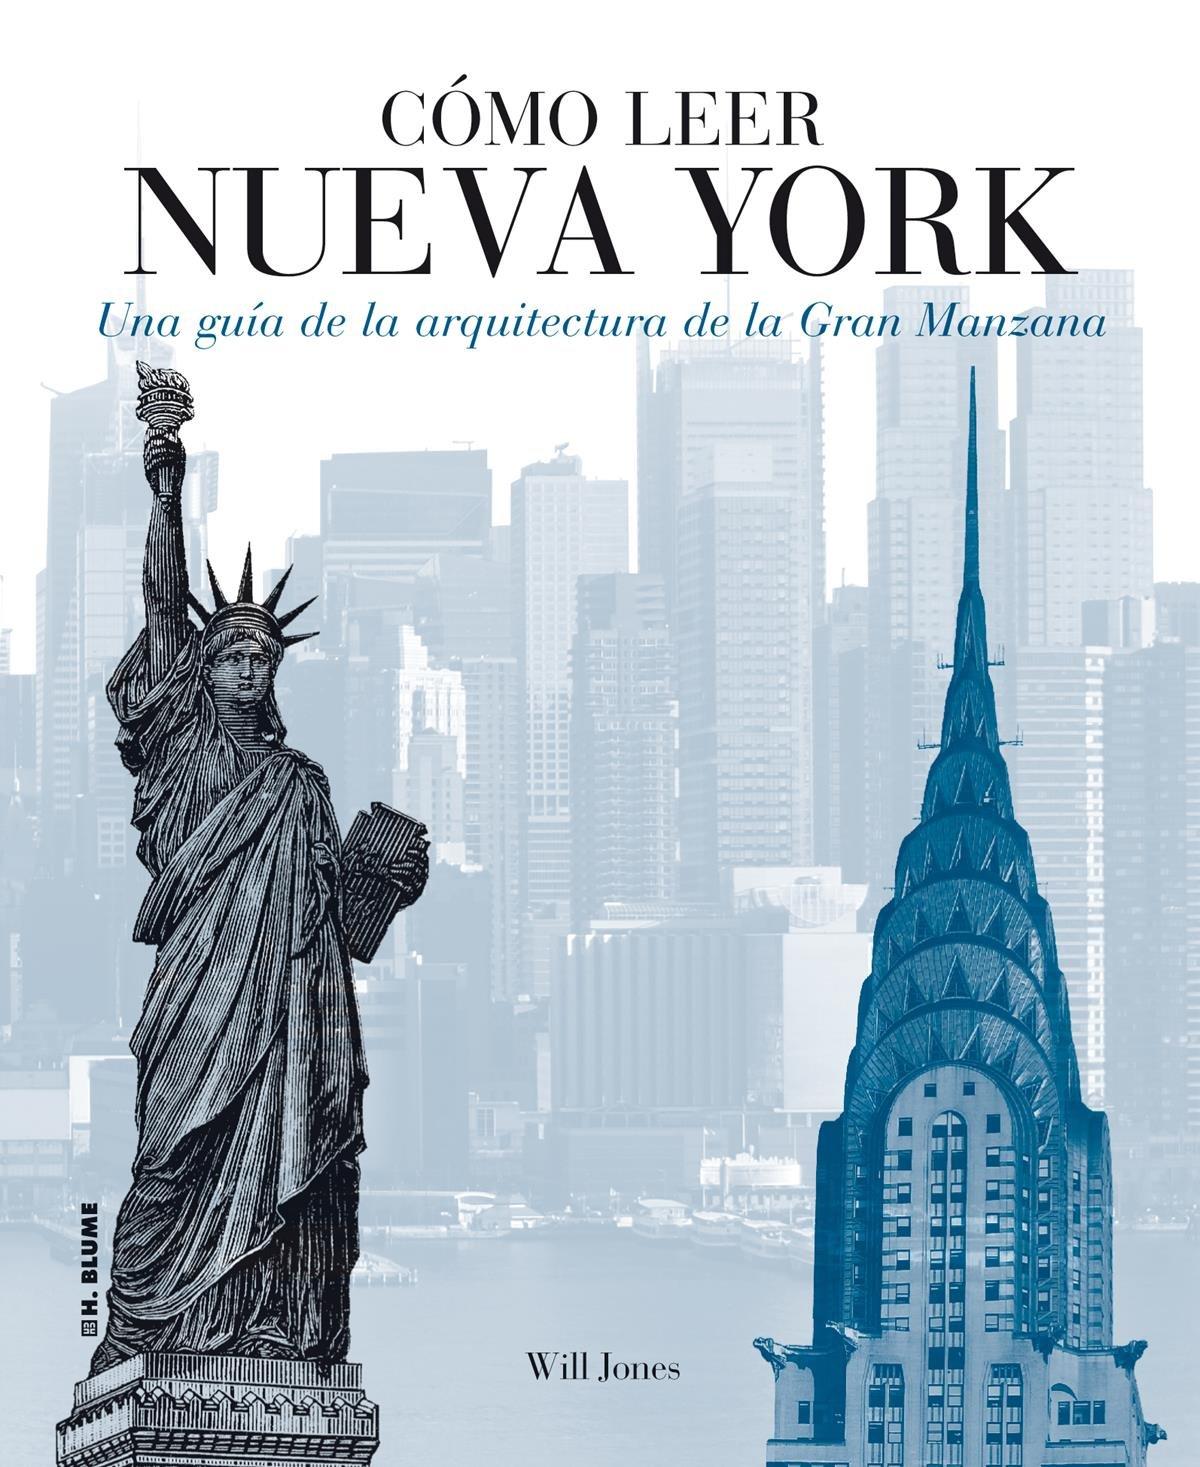 Cómo leer Nueva York: Una guía de la arquitectura de la Gran Manzana: Will Jones: 9788496669802: Amazon.com: Books